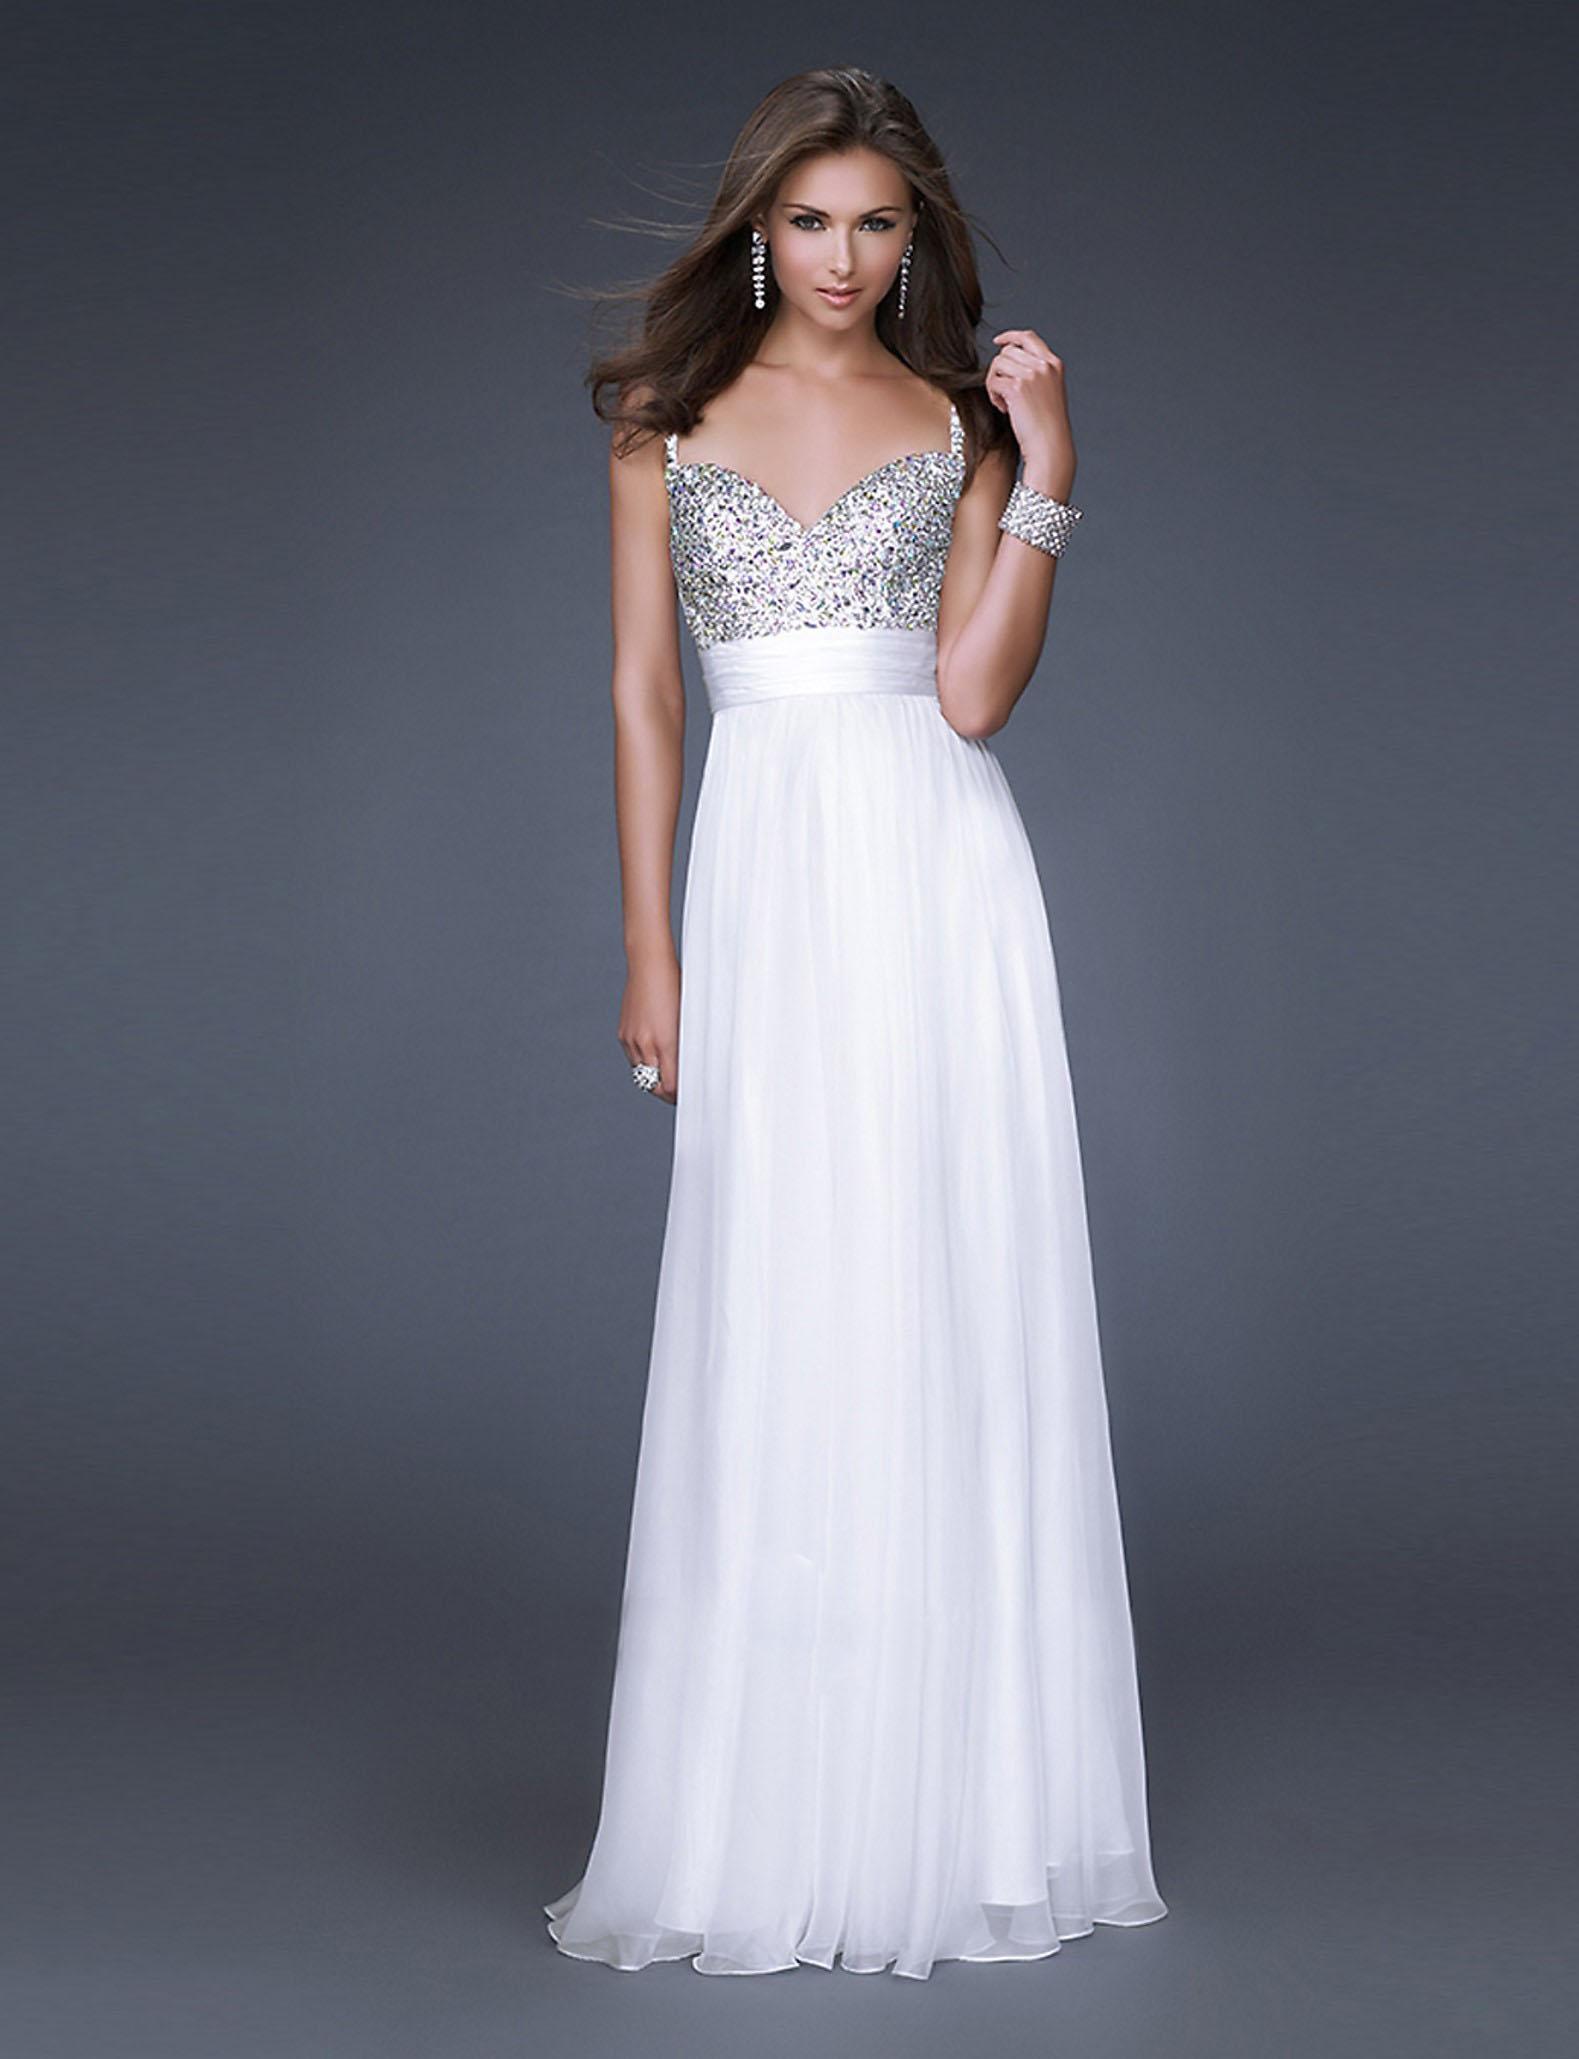 56c990484105 Белое платье всегда выгодно выделяется на торжественных мероприятиях среди  нарядов другого цвета. Оно прекрасно вписывается в пляжную атмосферу отдыха  и в ...